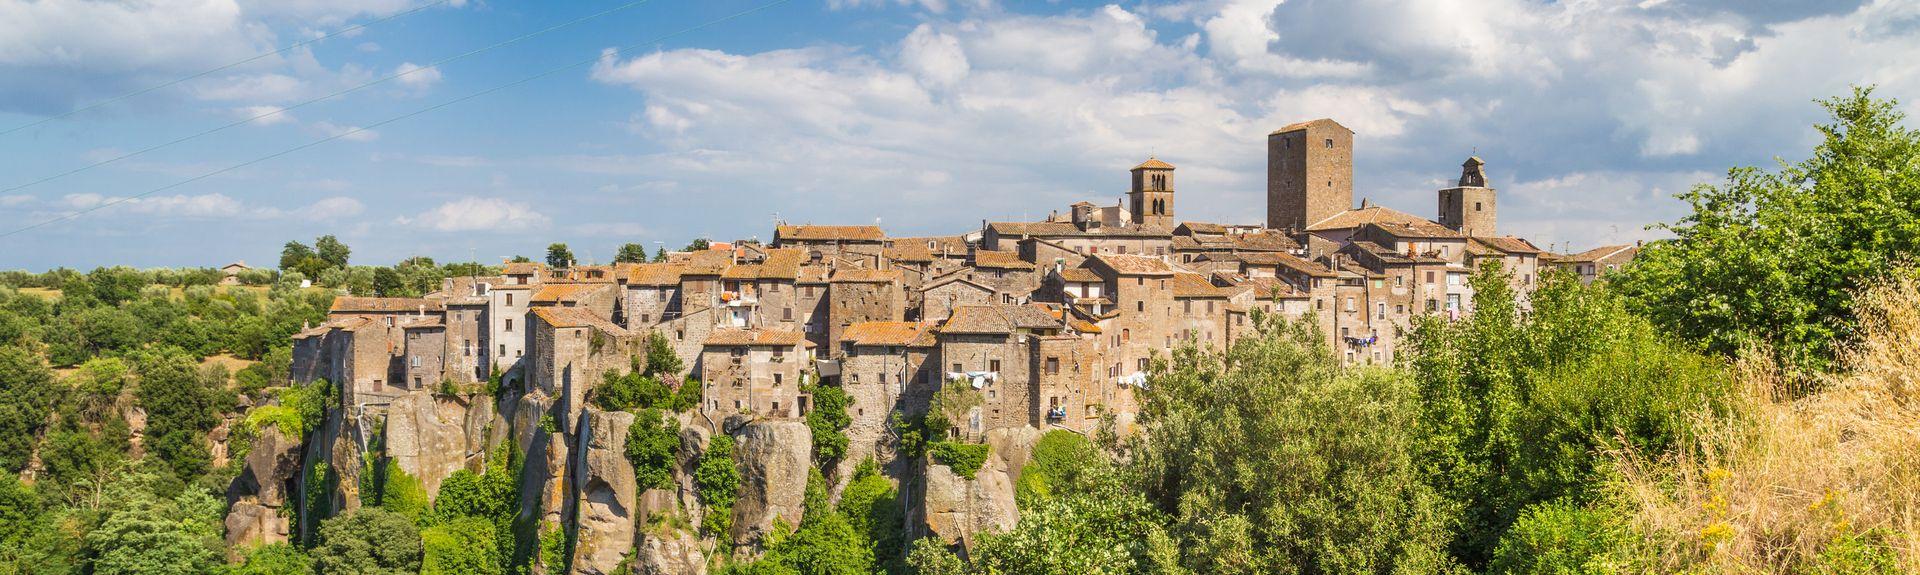 Latium, Italia